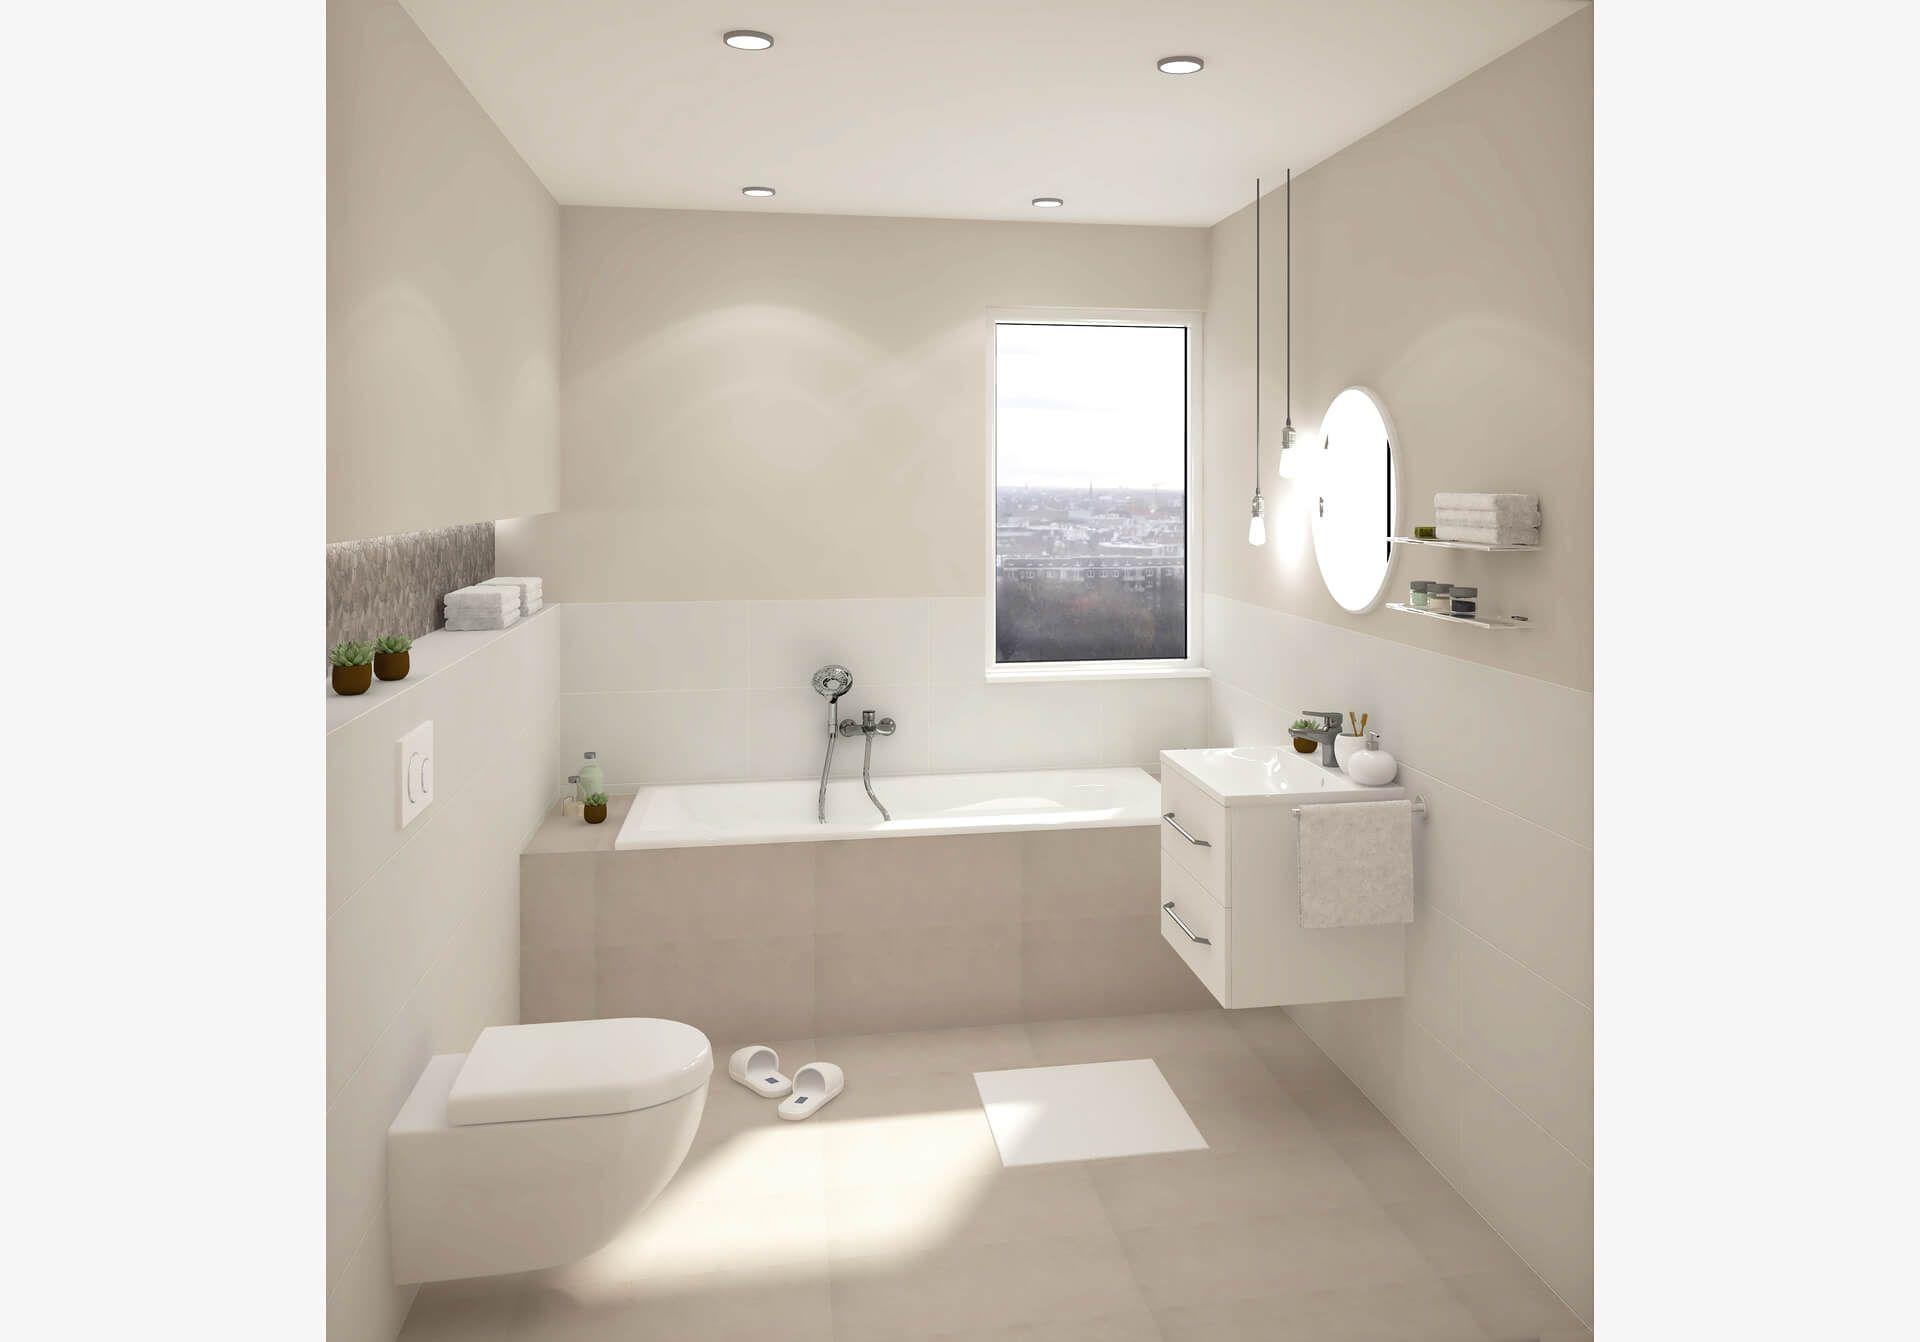 Badplaner Jetzt Badezimmer Planen Mit Obi In 2020 Helle Badezimmer Kleines Bad Badewanne Badezimmer Planen